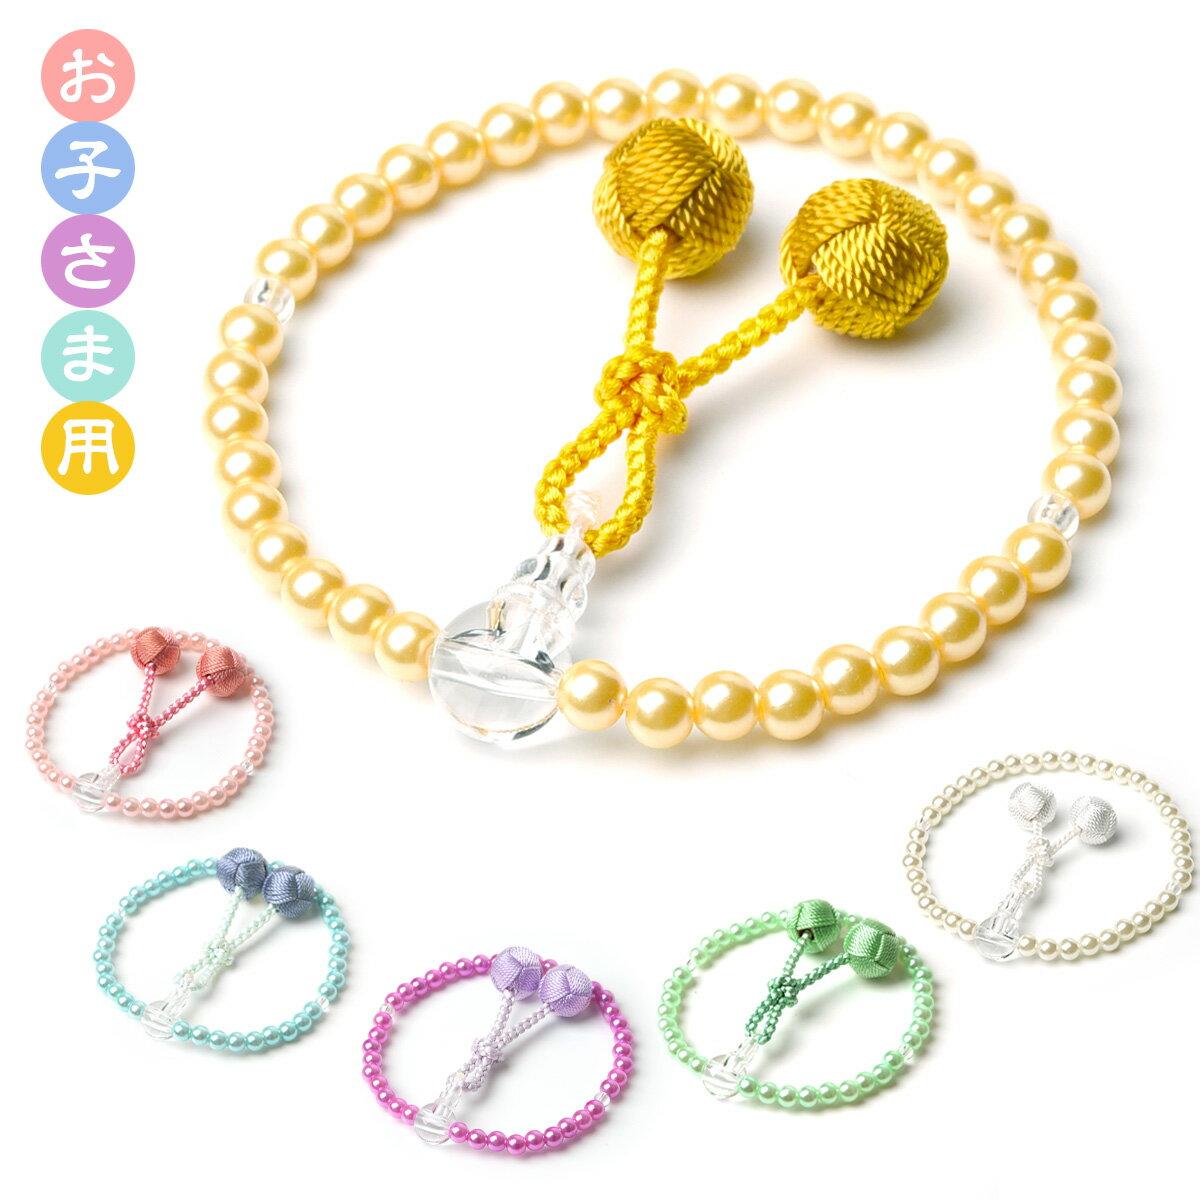 数珠 子供用 選べる 梵天房 数珠入れ 付 お子様 キッズ 子供 用 こども 子供用 おこさま 梵天 念珠 juzu